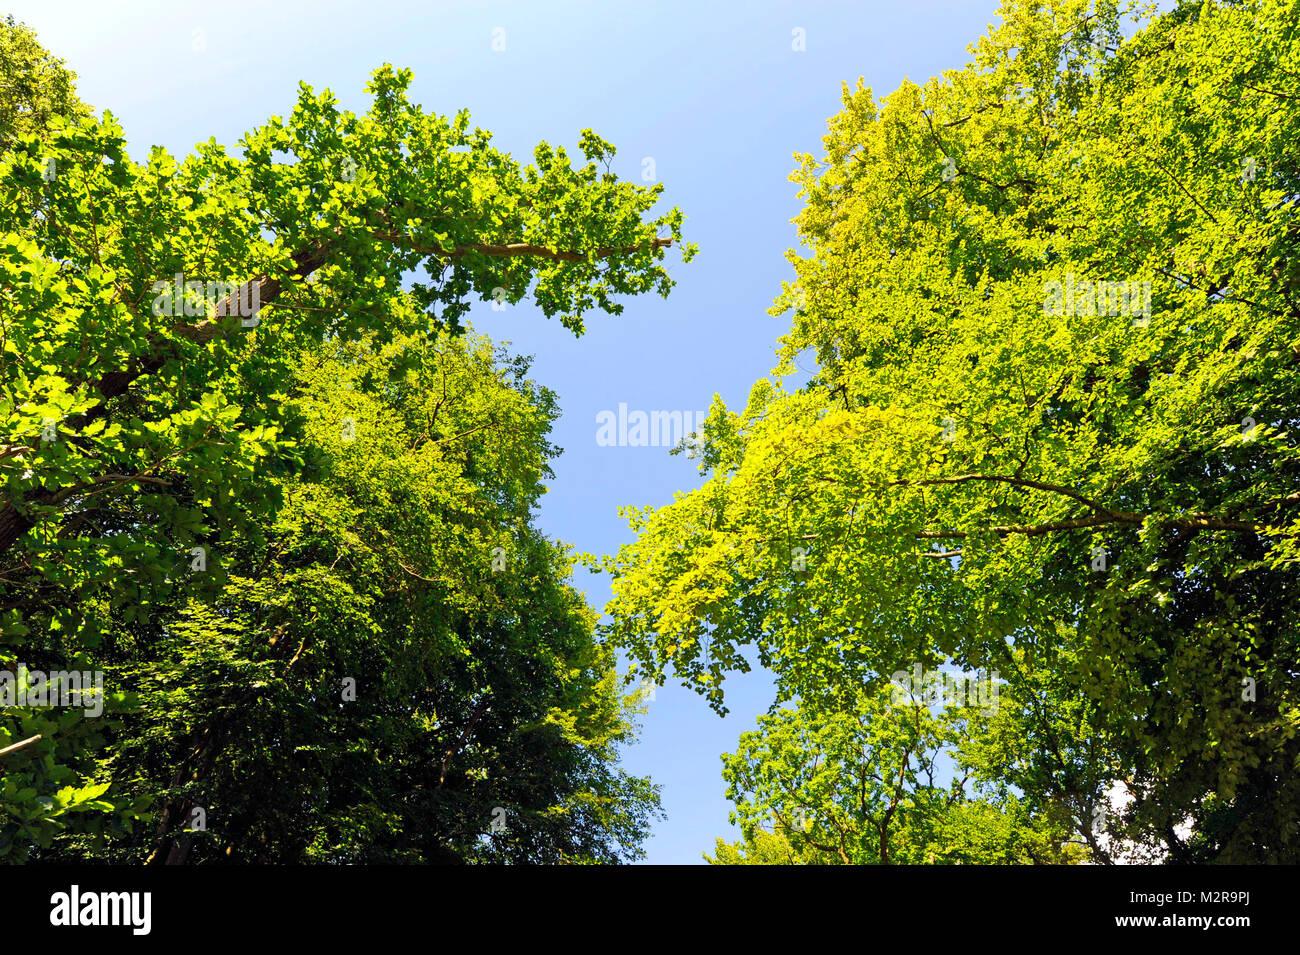 Blick auf die baumkronen eines gesunden Laub Mischwald mit blutbuchen, Ahorn, Eichen und anderen Laubbäumen Stockbild